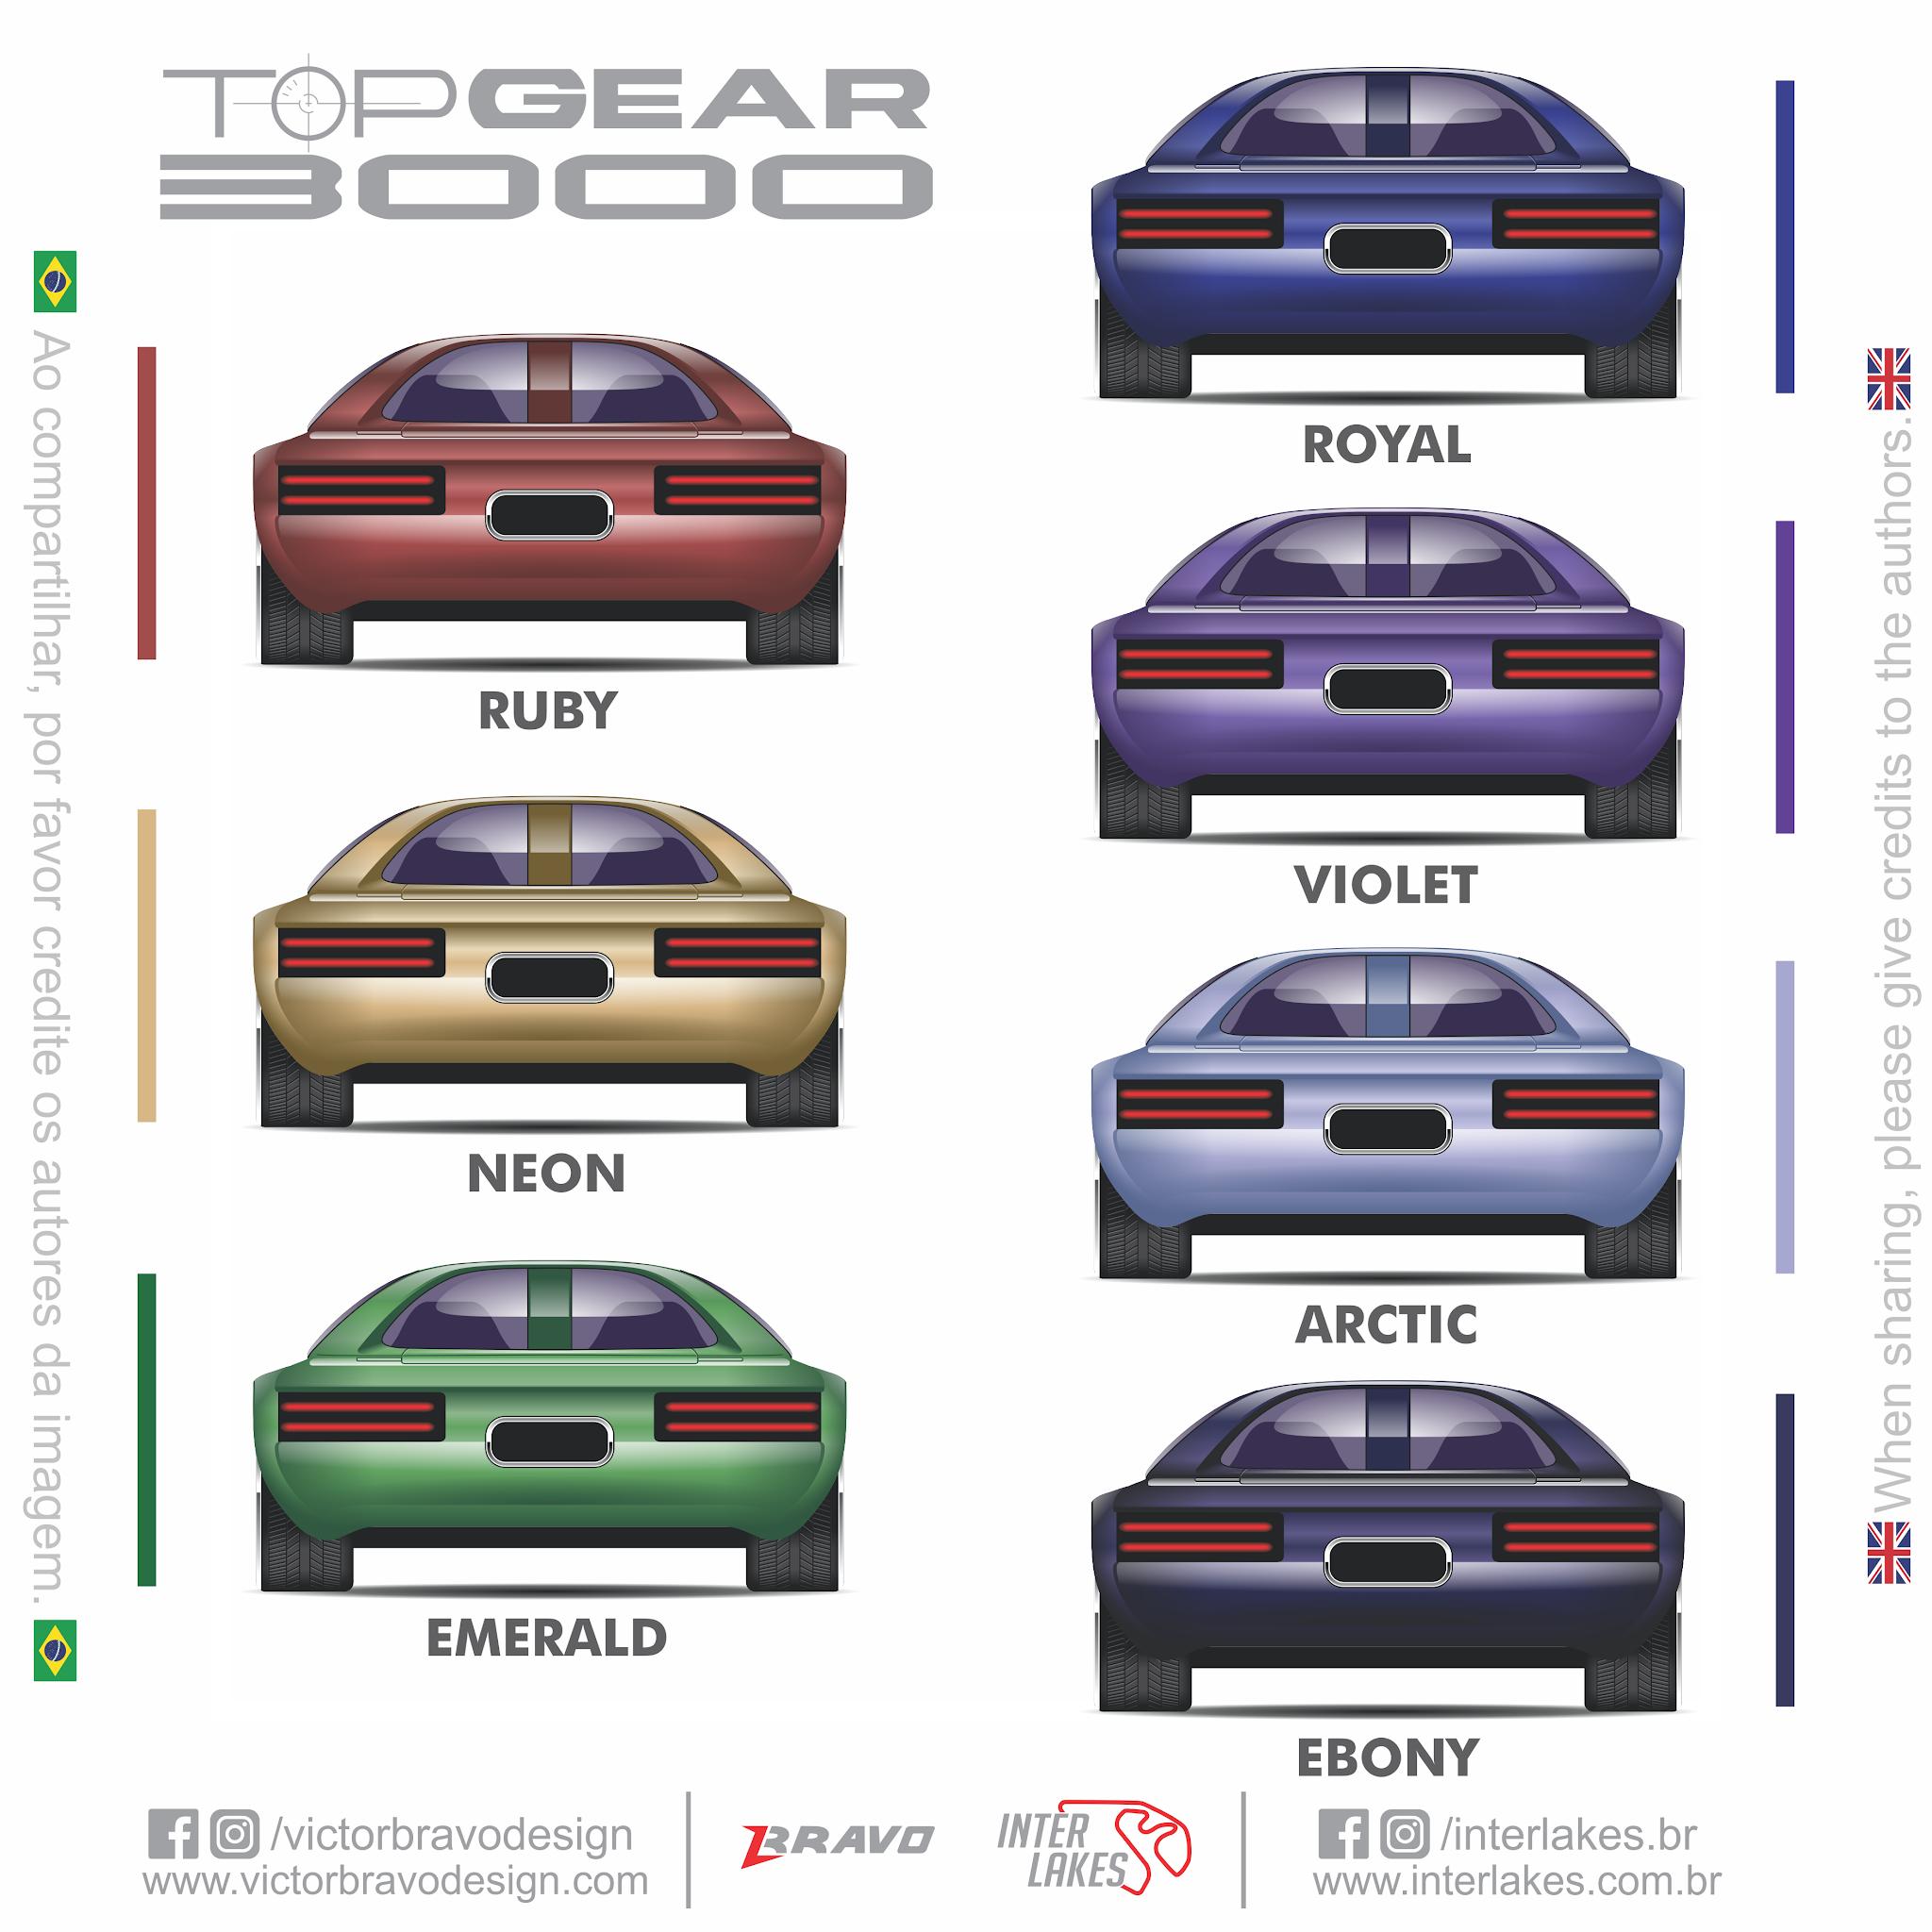 Imagem mostrando os desenhos com as cores do Kemco Top Gear 3000 ; Ruby, Neon, Emerald, Royal, Violet, Arctic, Ebony